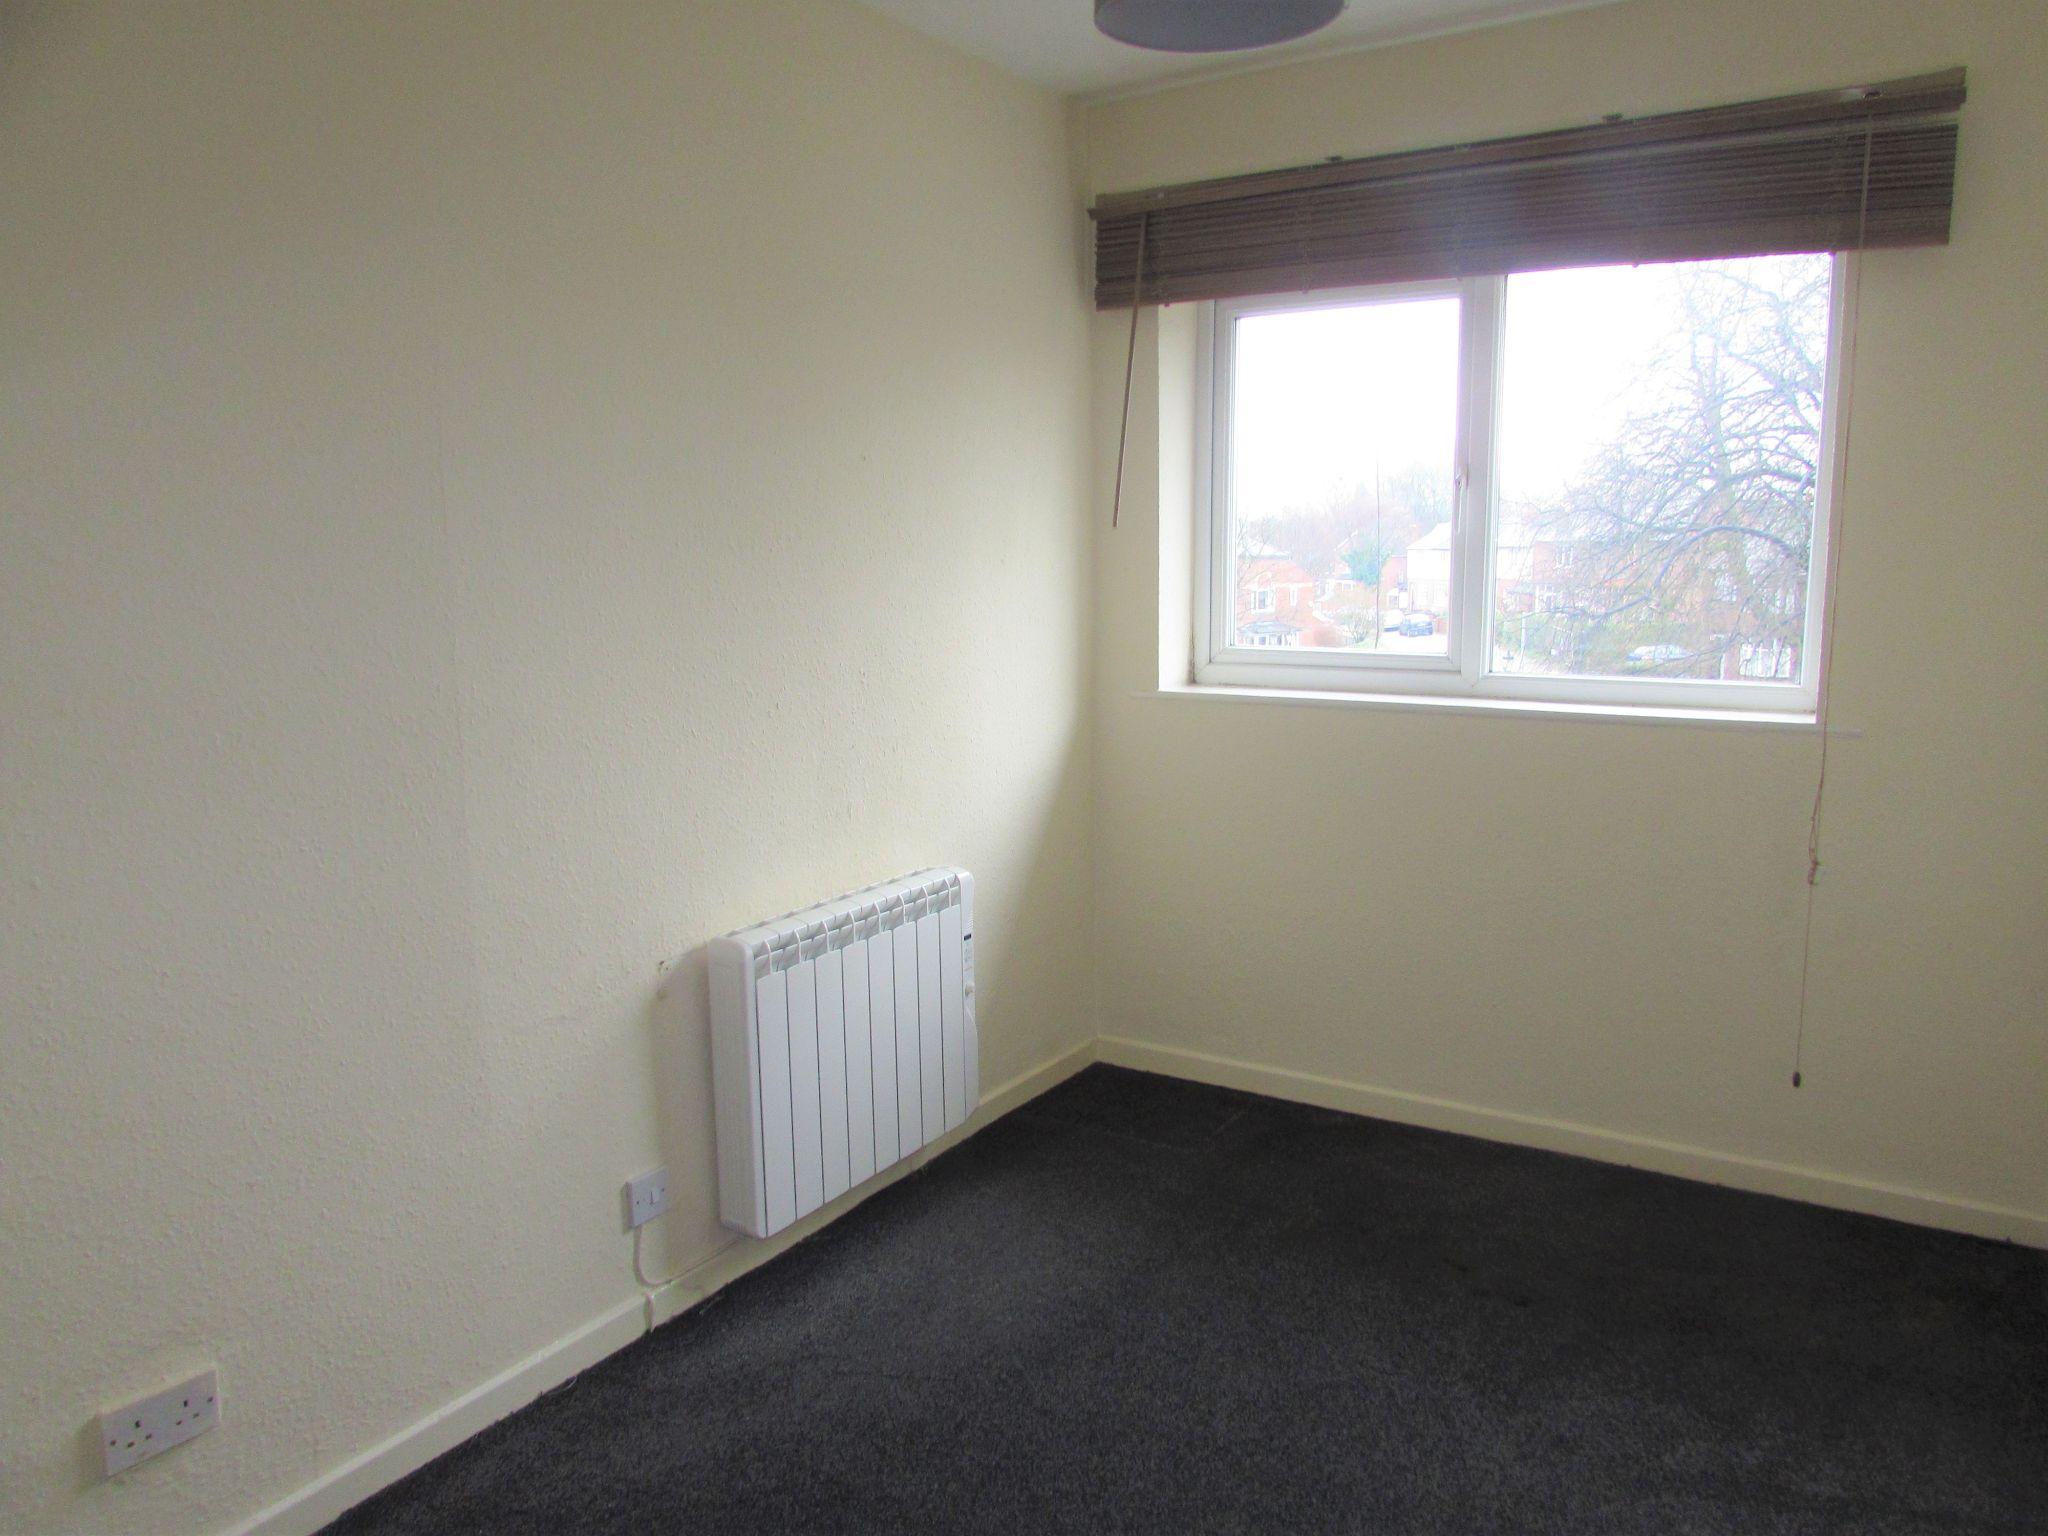 2 Bedroom Duplex Flat/apartment To Rent - Bedroom Two